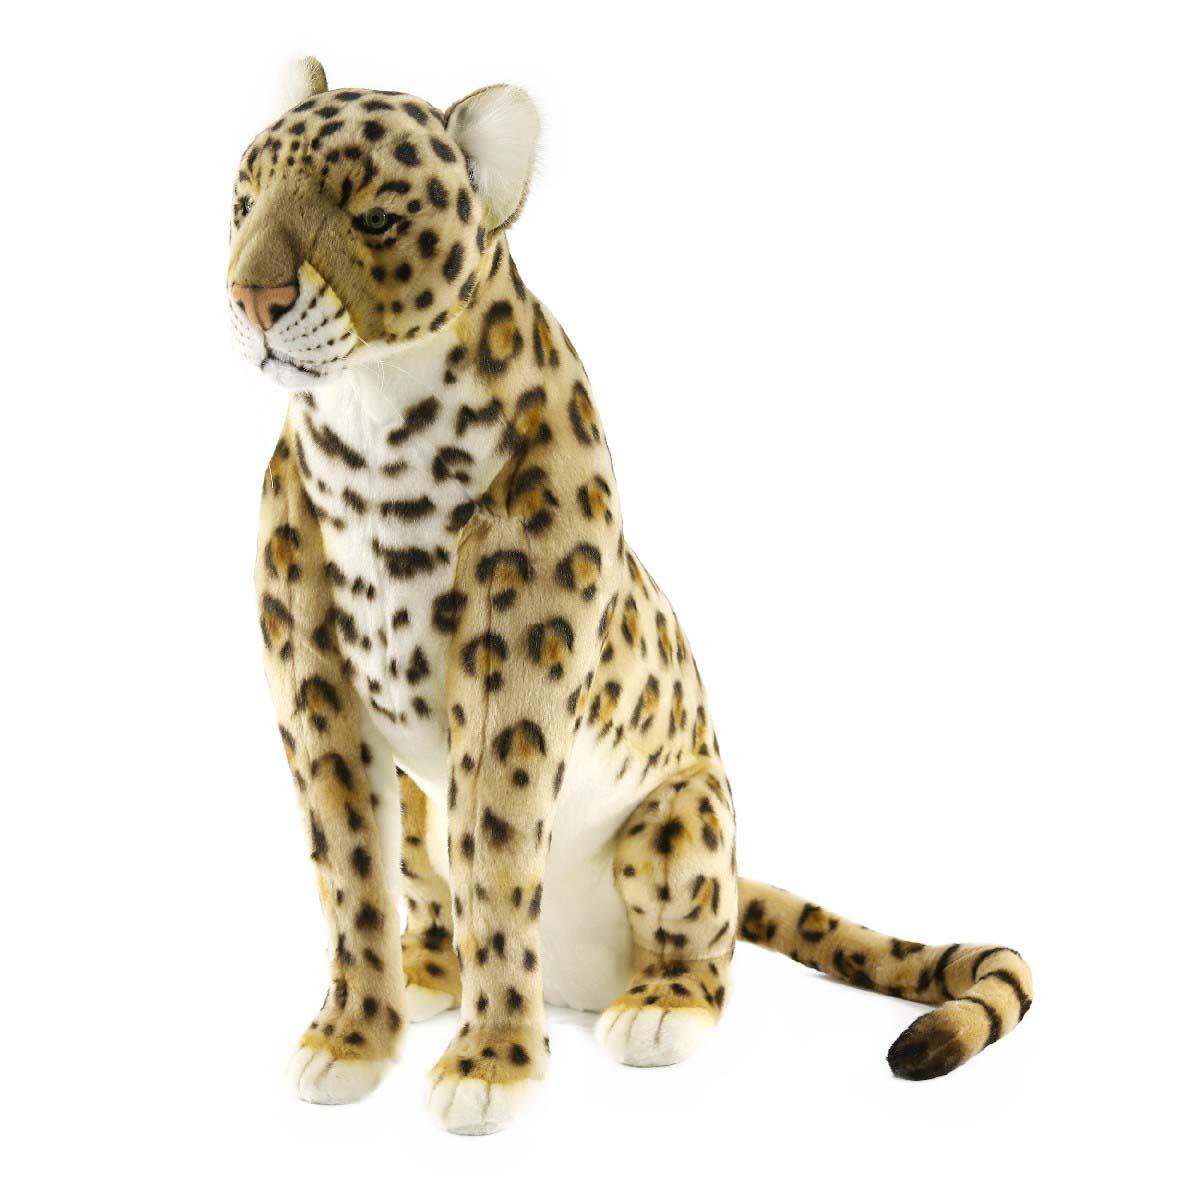 Купить Мягкая игрушка - Леопард сидящий, 65 см, Hansa